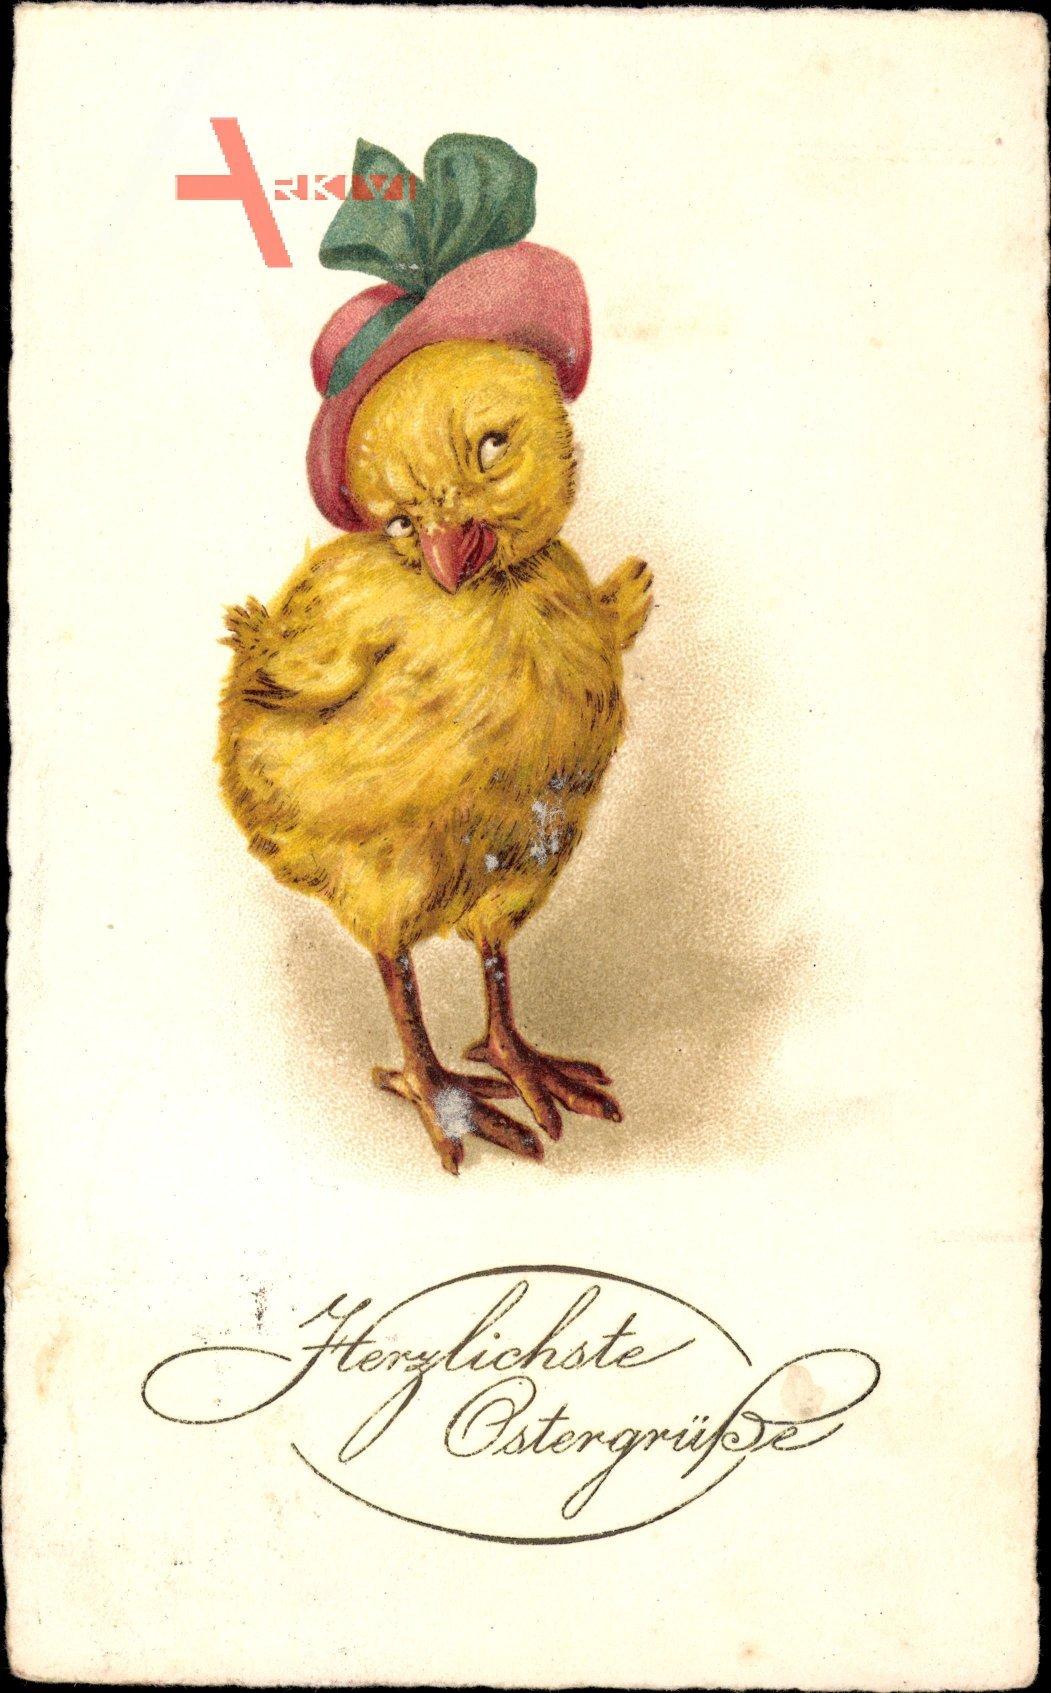 Glückwunsch Ostern, Küken in modischem Hut, Kitsch